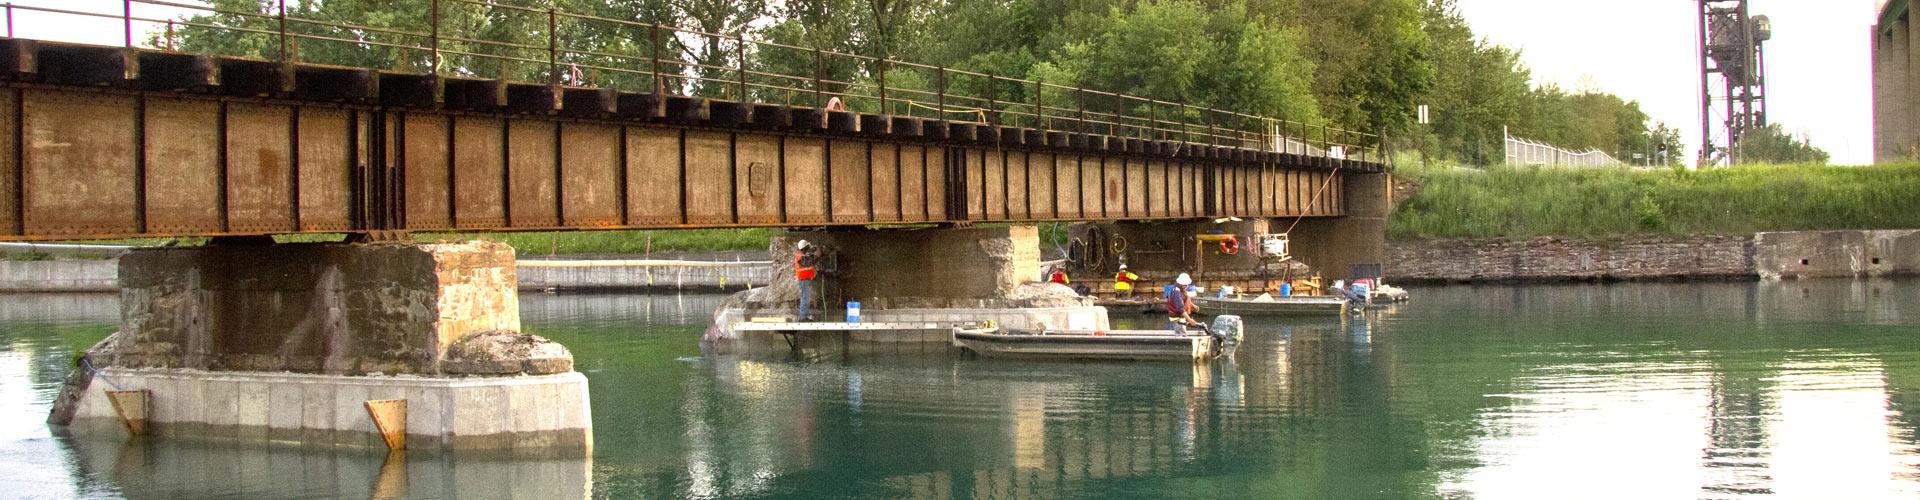 underwater construction, preplaced aggregate concrete, grouting, railroad bridge repairs, bridge repairs